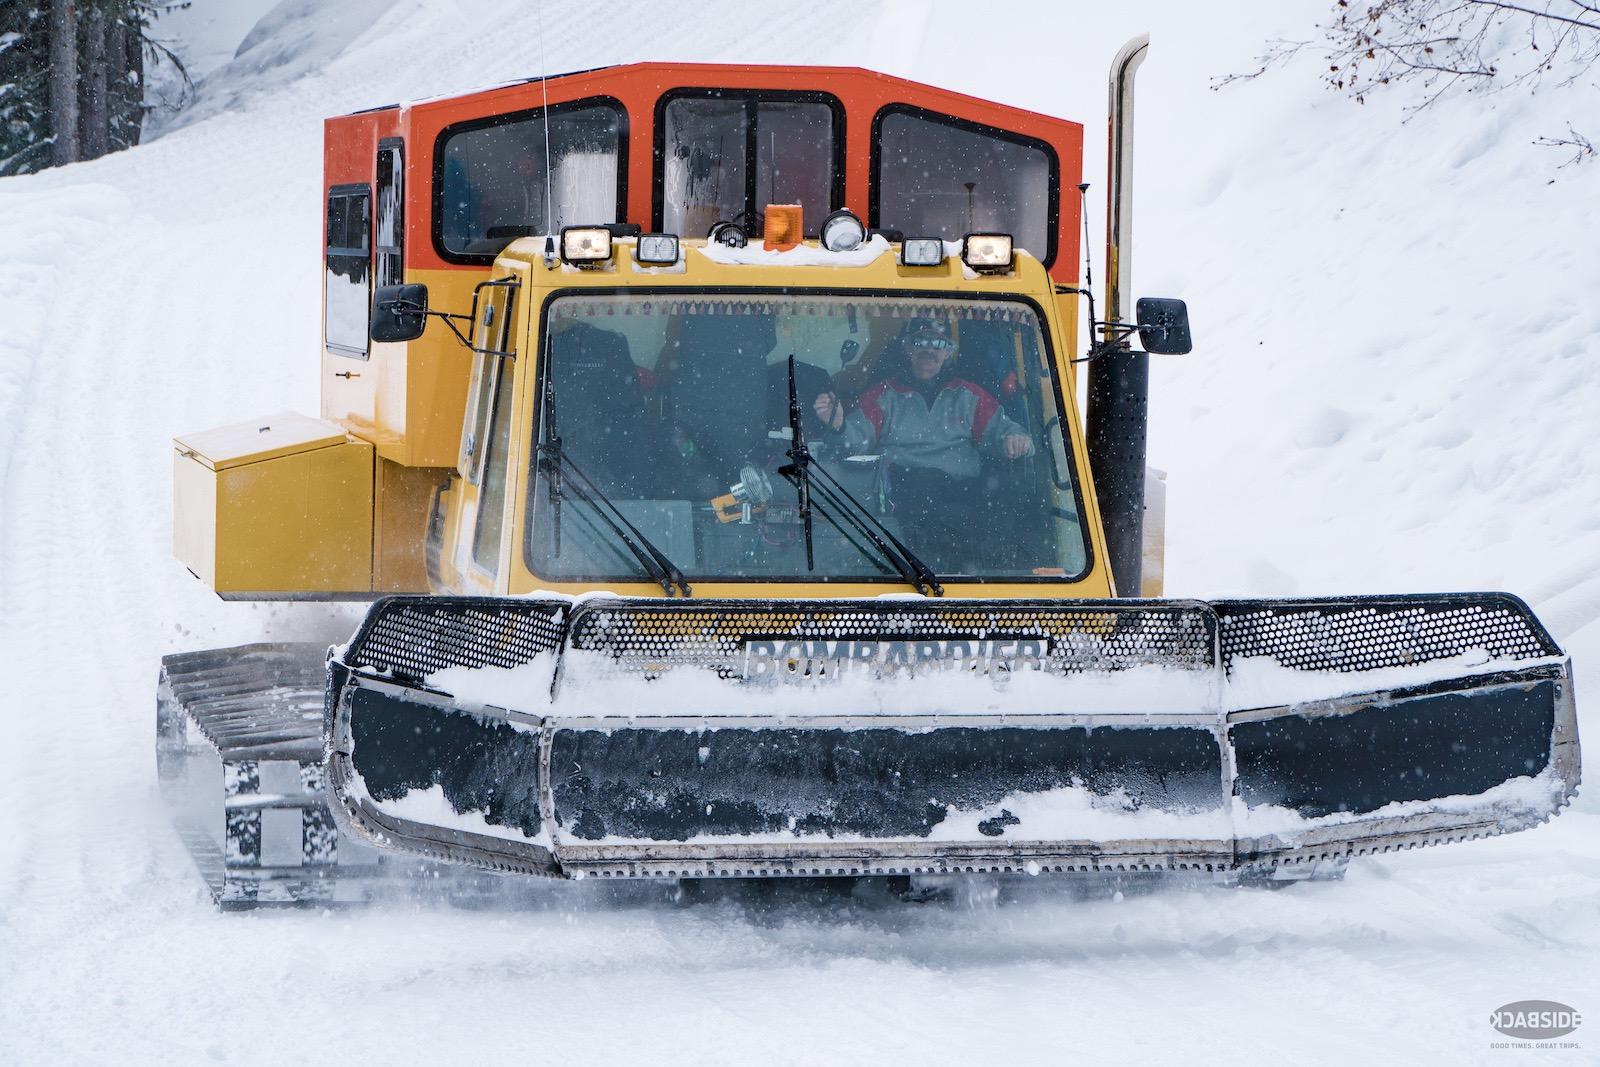 wern-snowcat-cariboo-cat-ski-rad-media